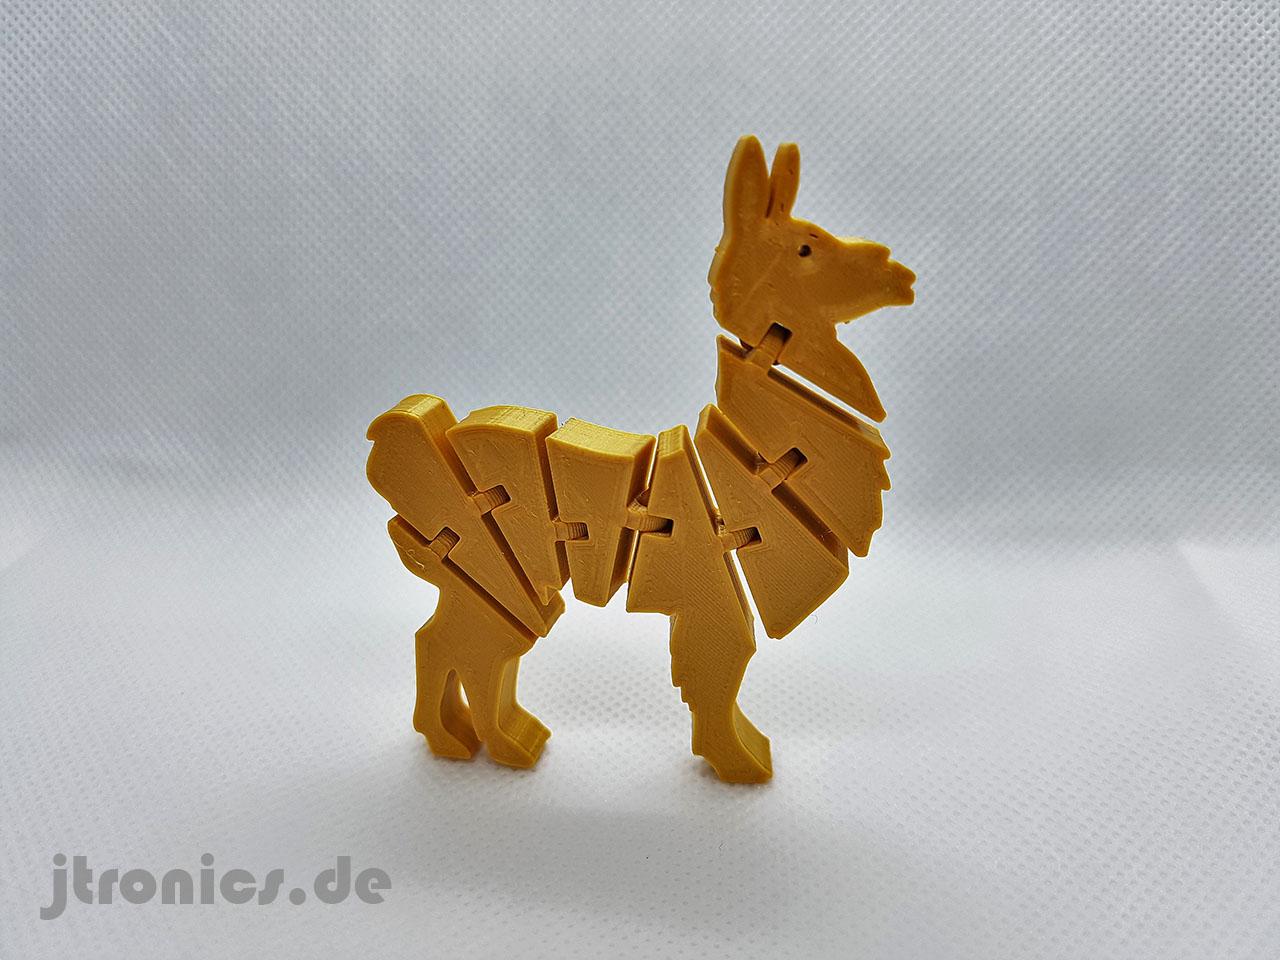 20190524_211911.jpg Télécharger fichier STL gratuit Lama articulé Flexi • Modèle à imprimer en 3D, jtronics